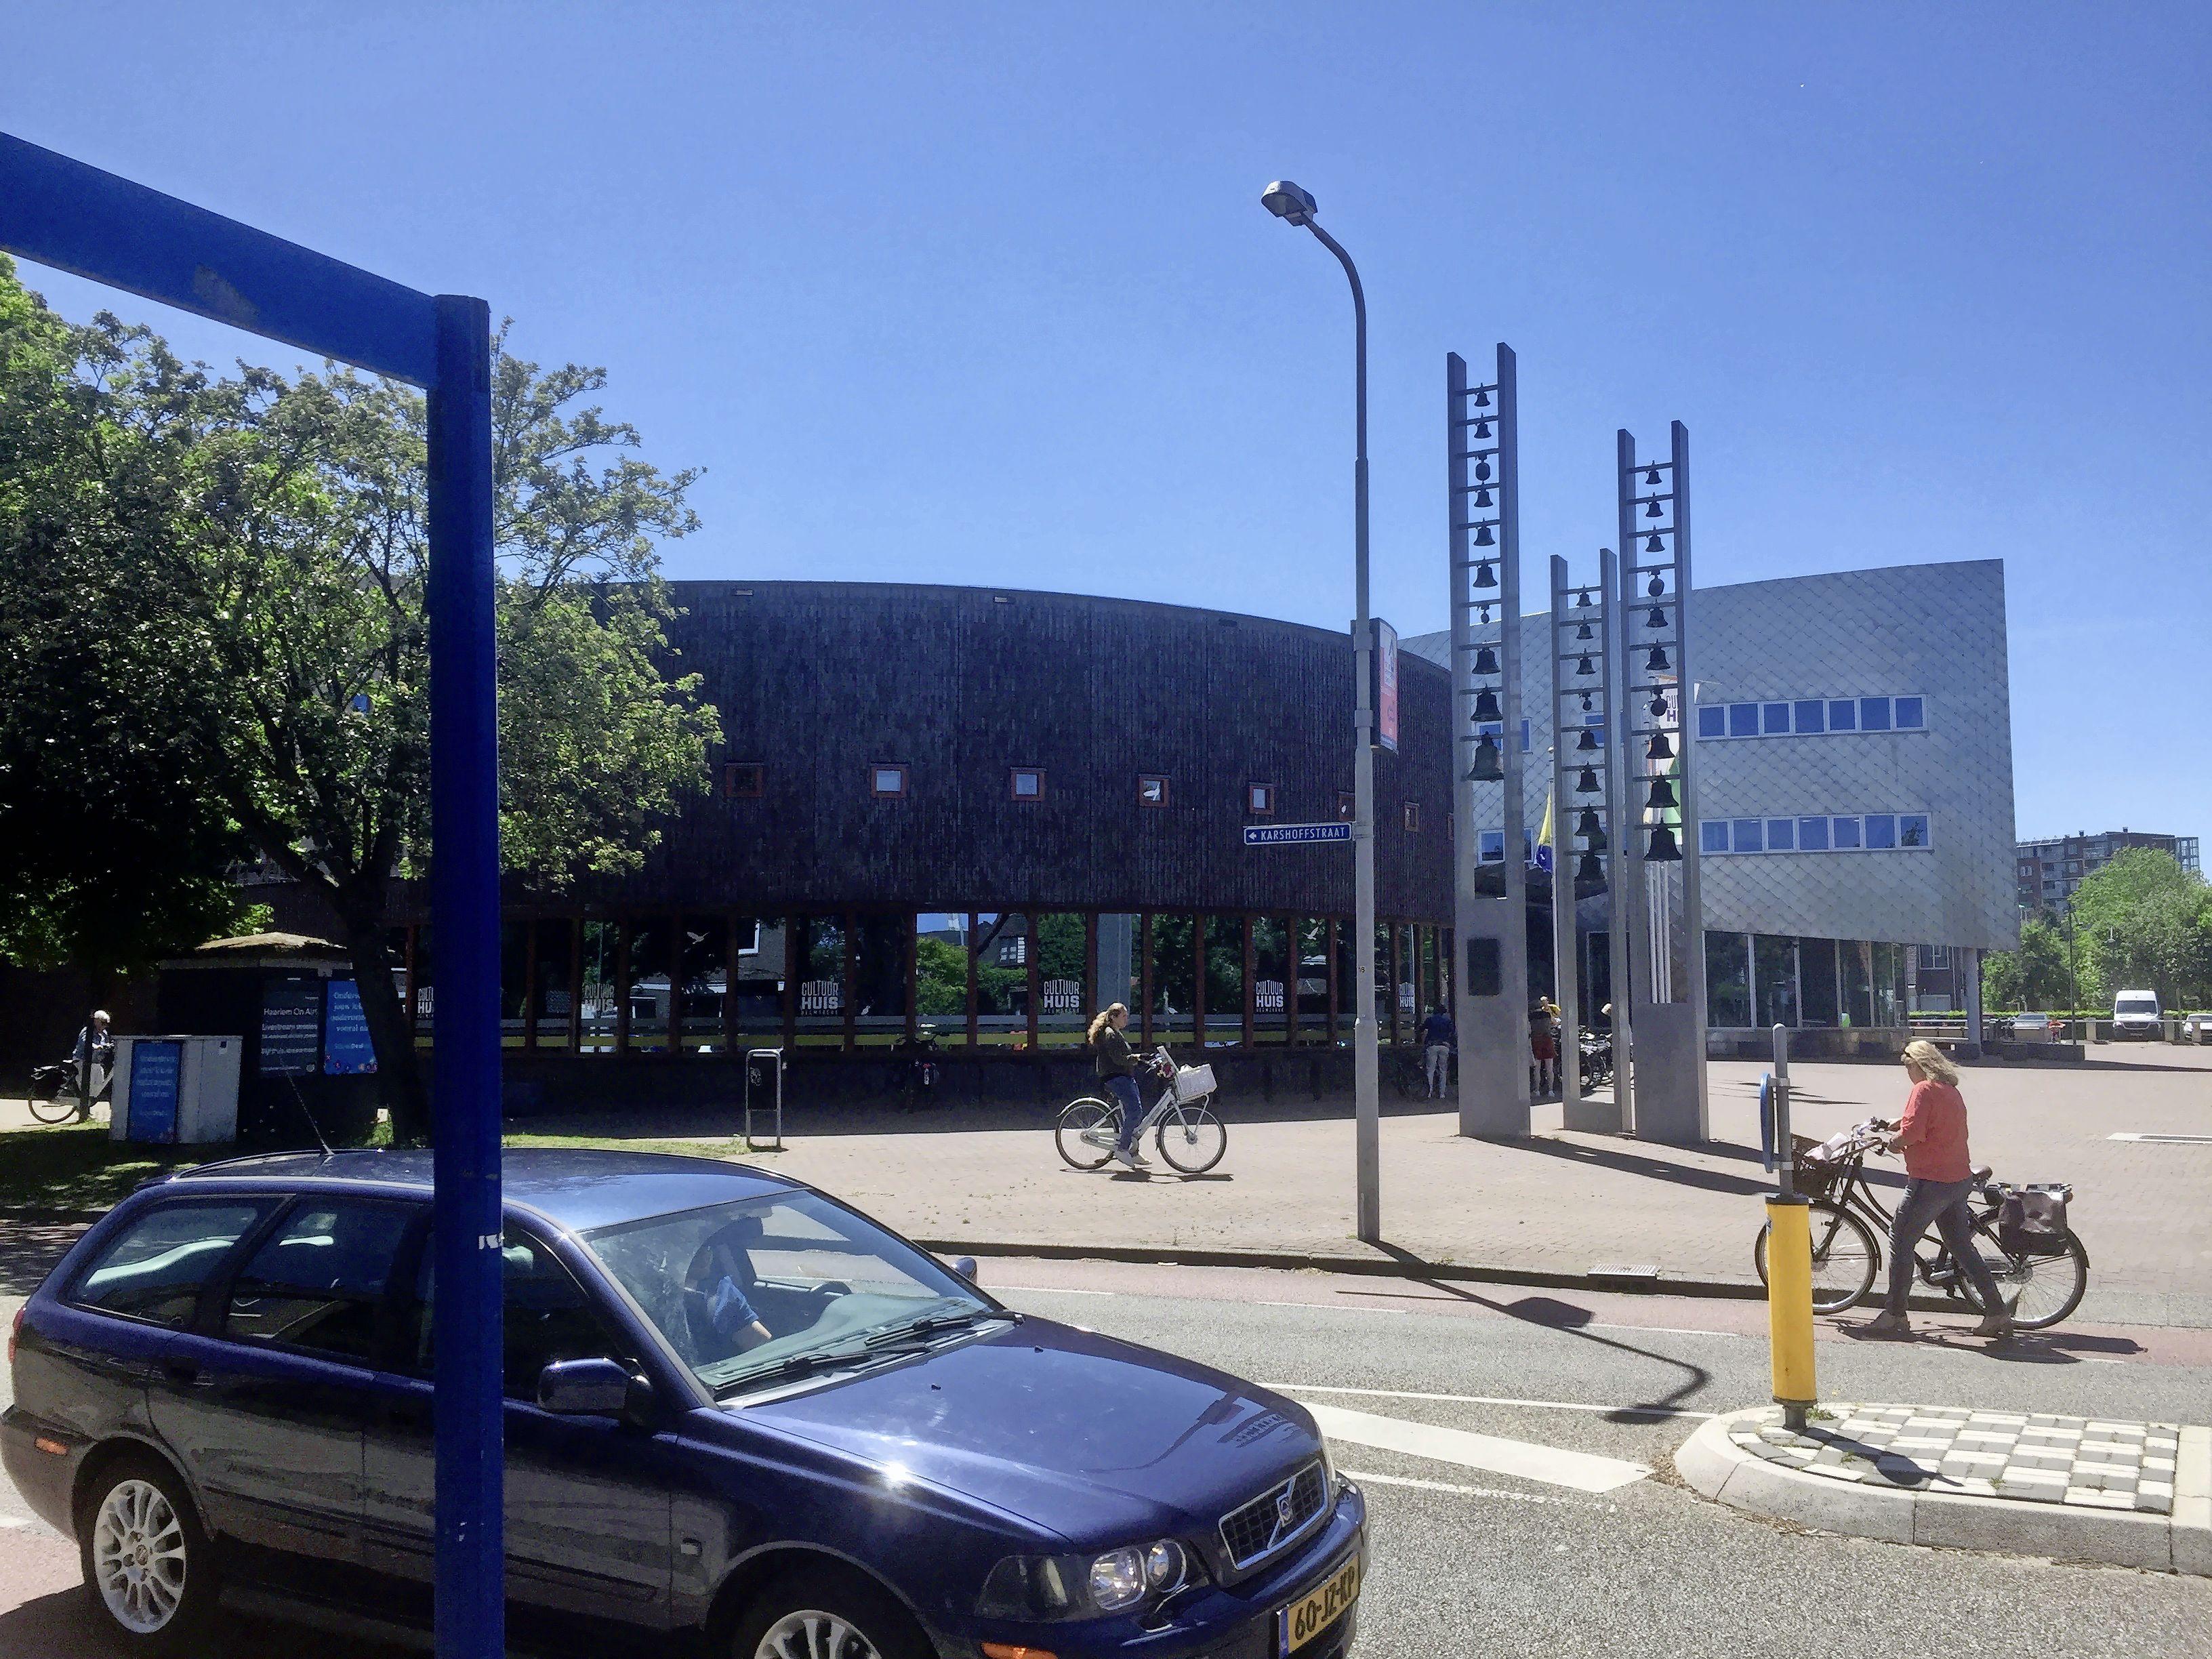 Ozb weer ter discussie in Heemskerk, financiële toekomst gemeente nog onzeker